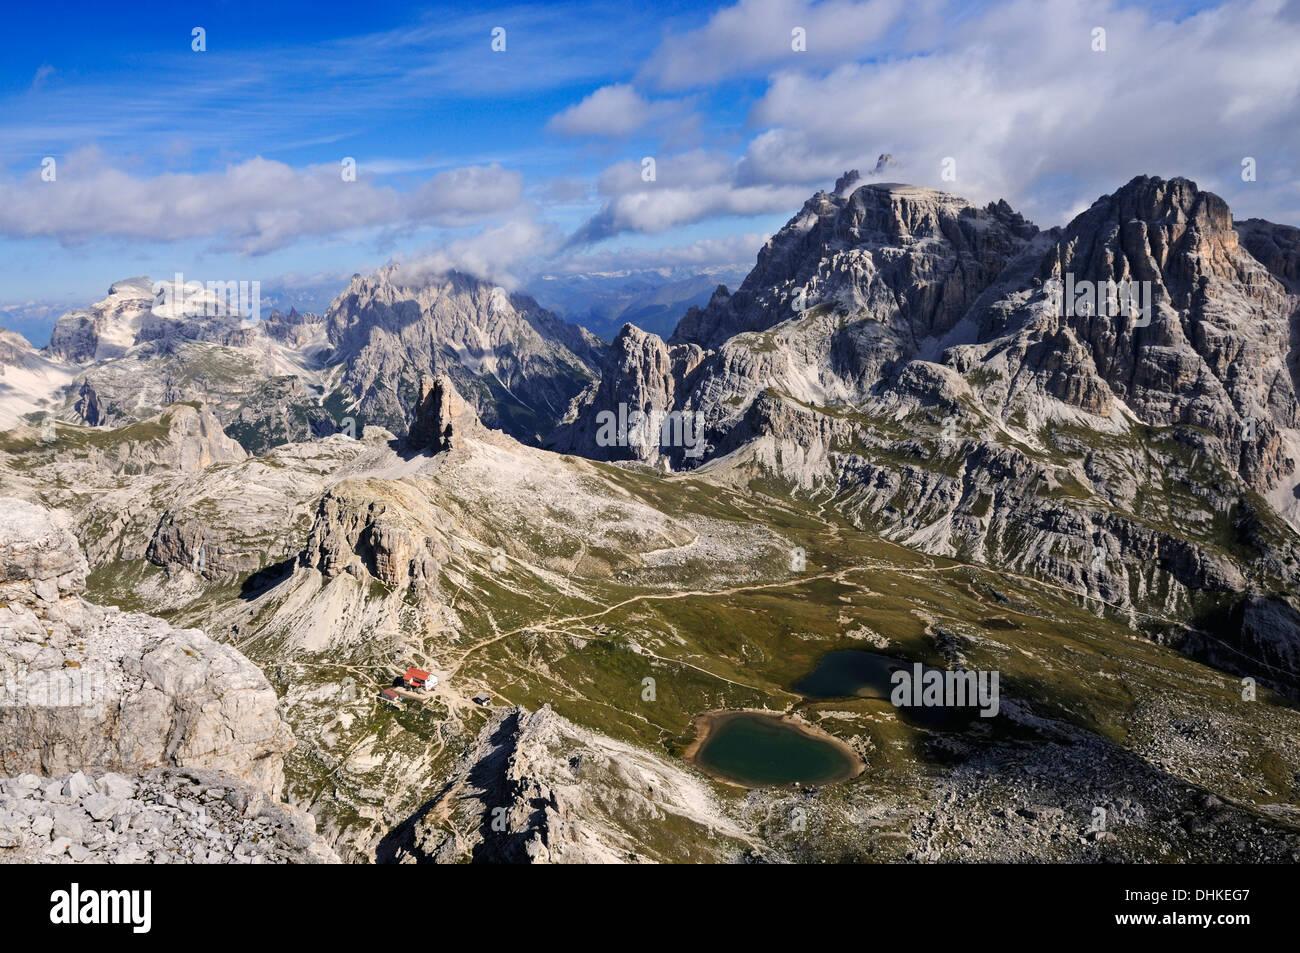 Klettersteig Drei Zinnen : Paternkofel klettersteig dreizinnen alphütte boedenseen